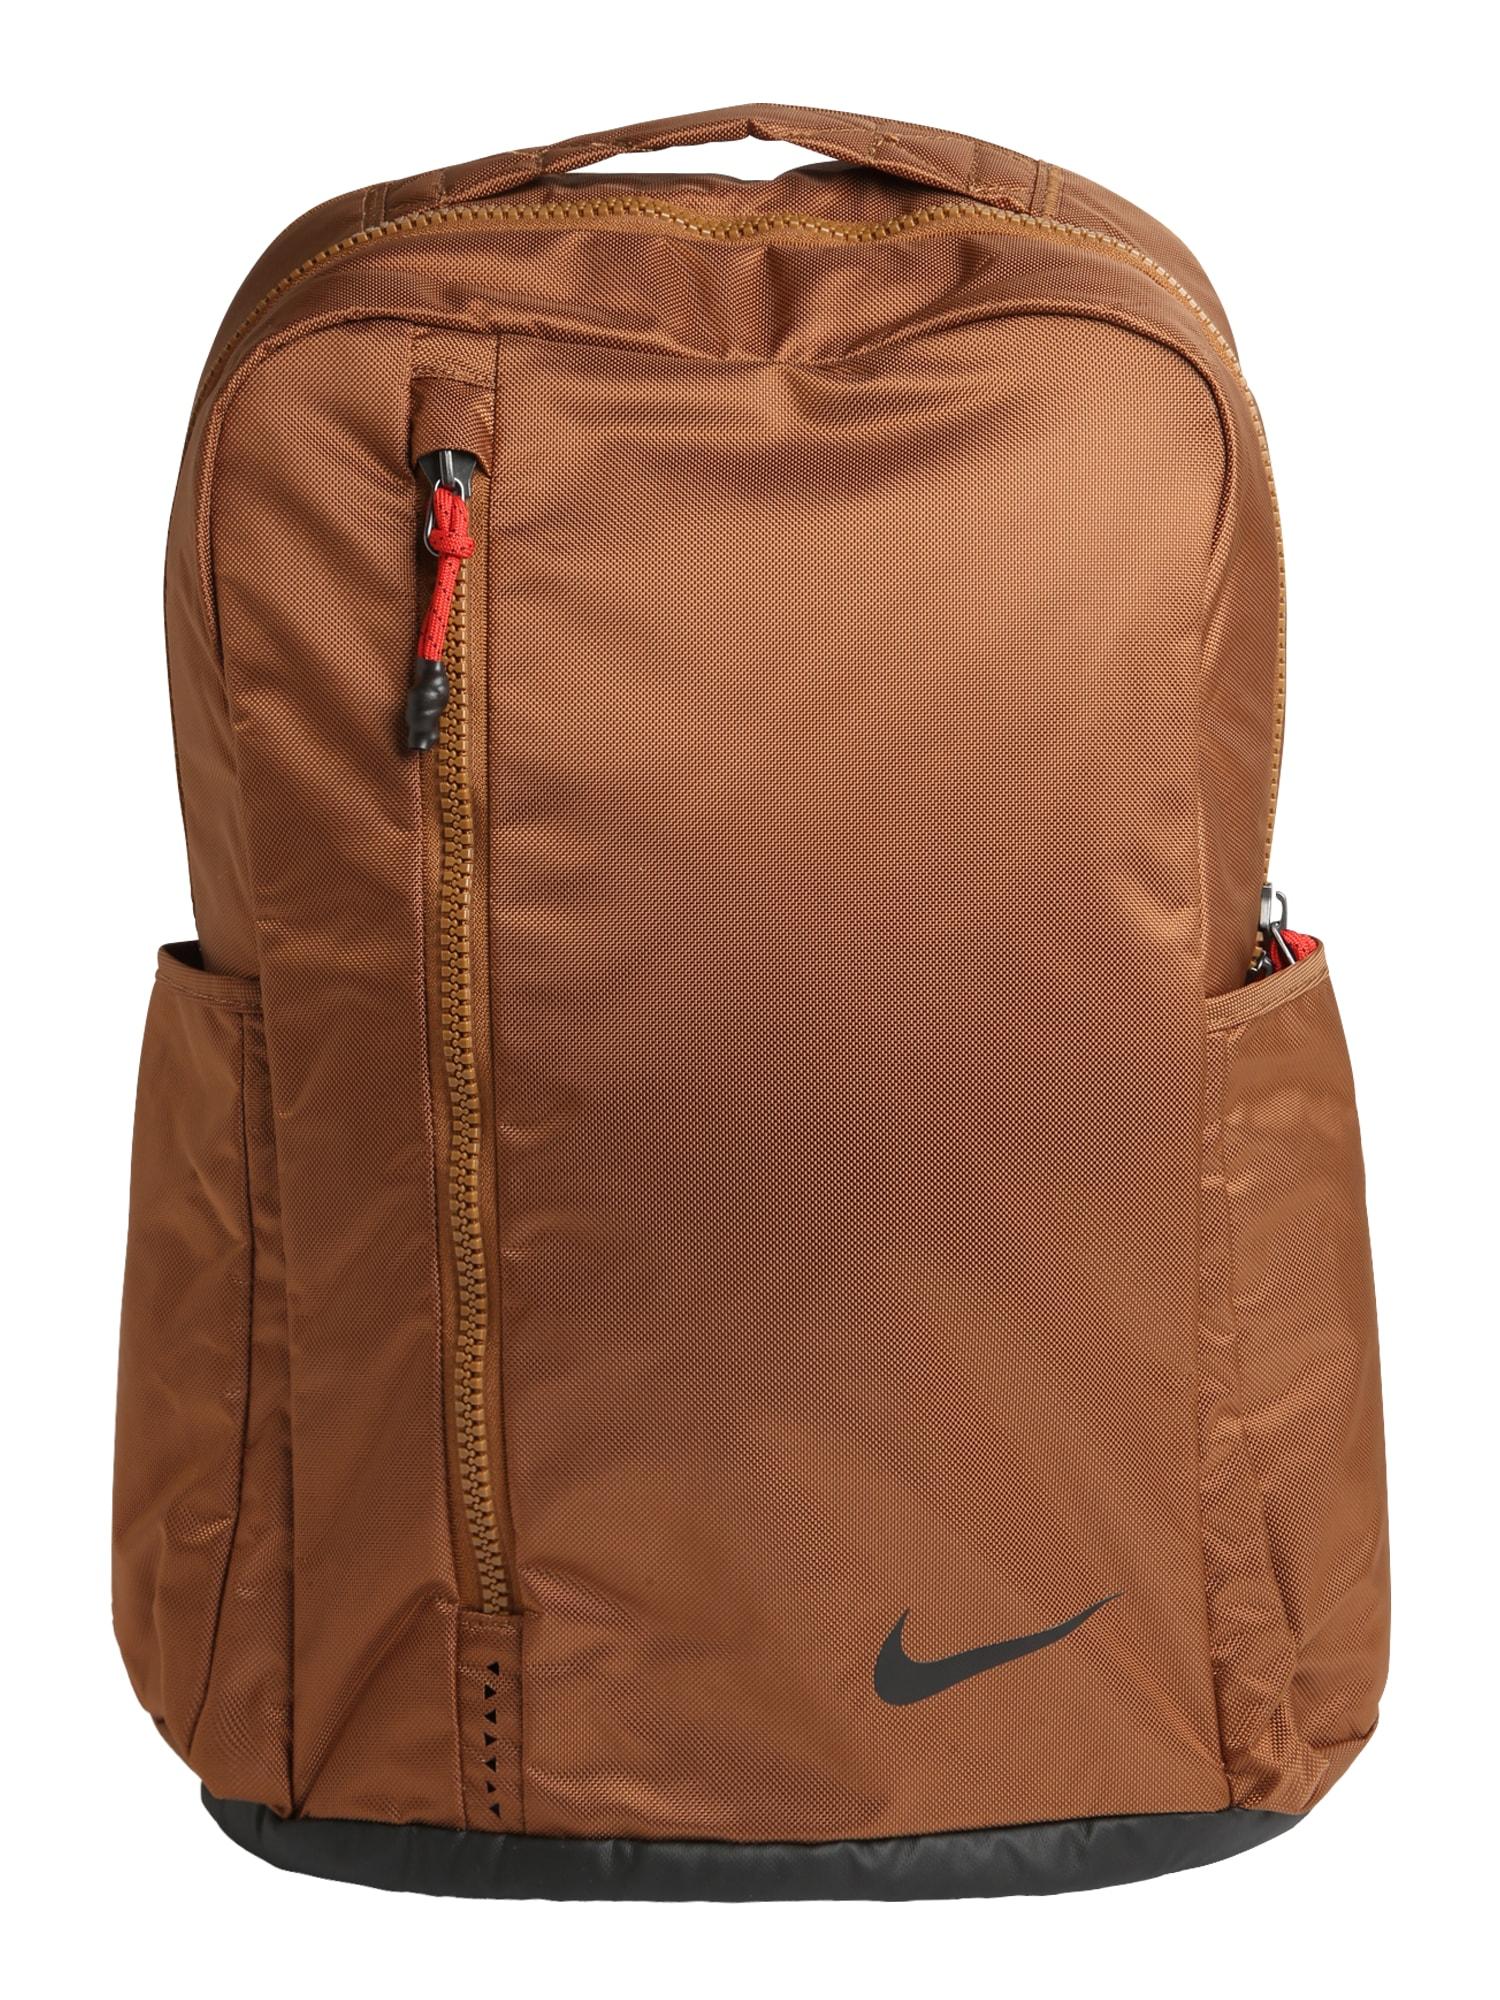 Sportovní batoh Nike Vapor Power 2.0 světle hnědá černá NIKE